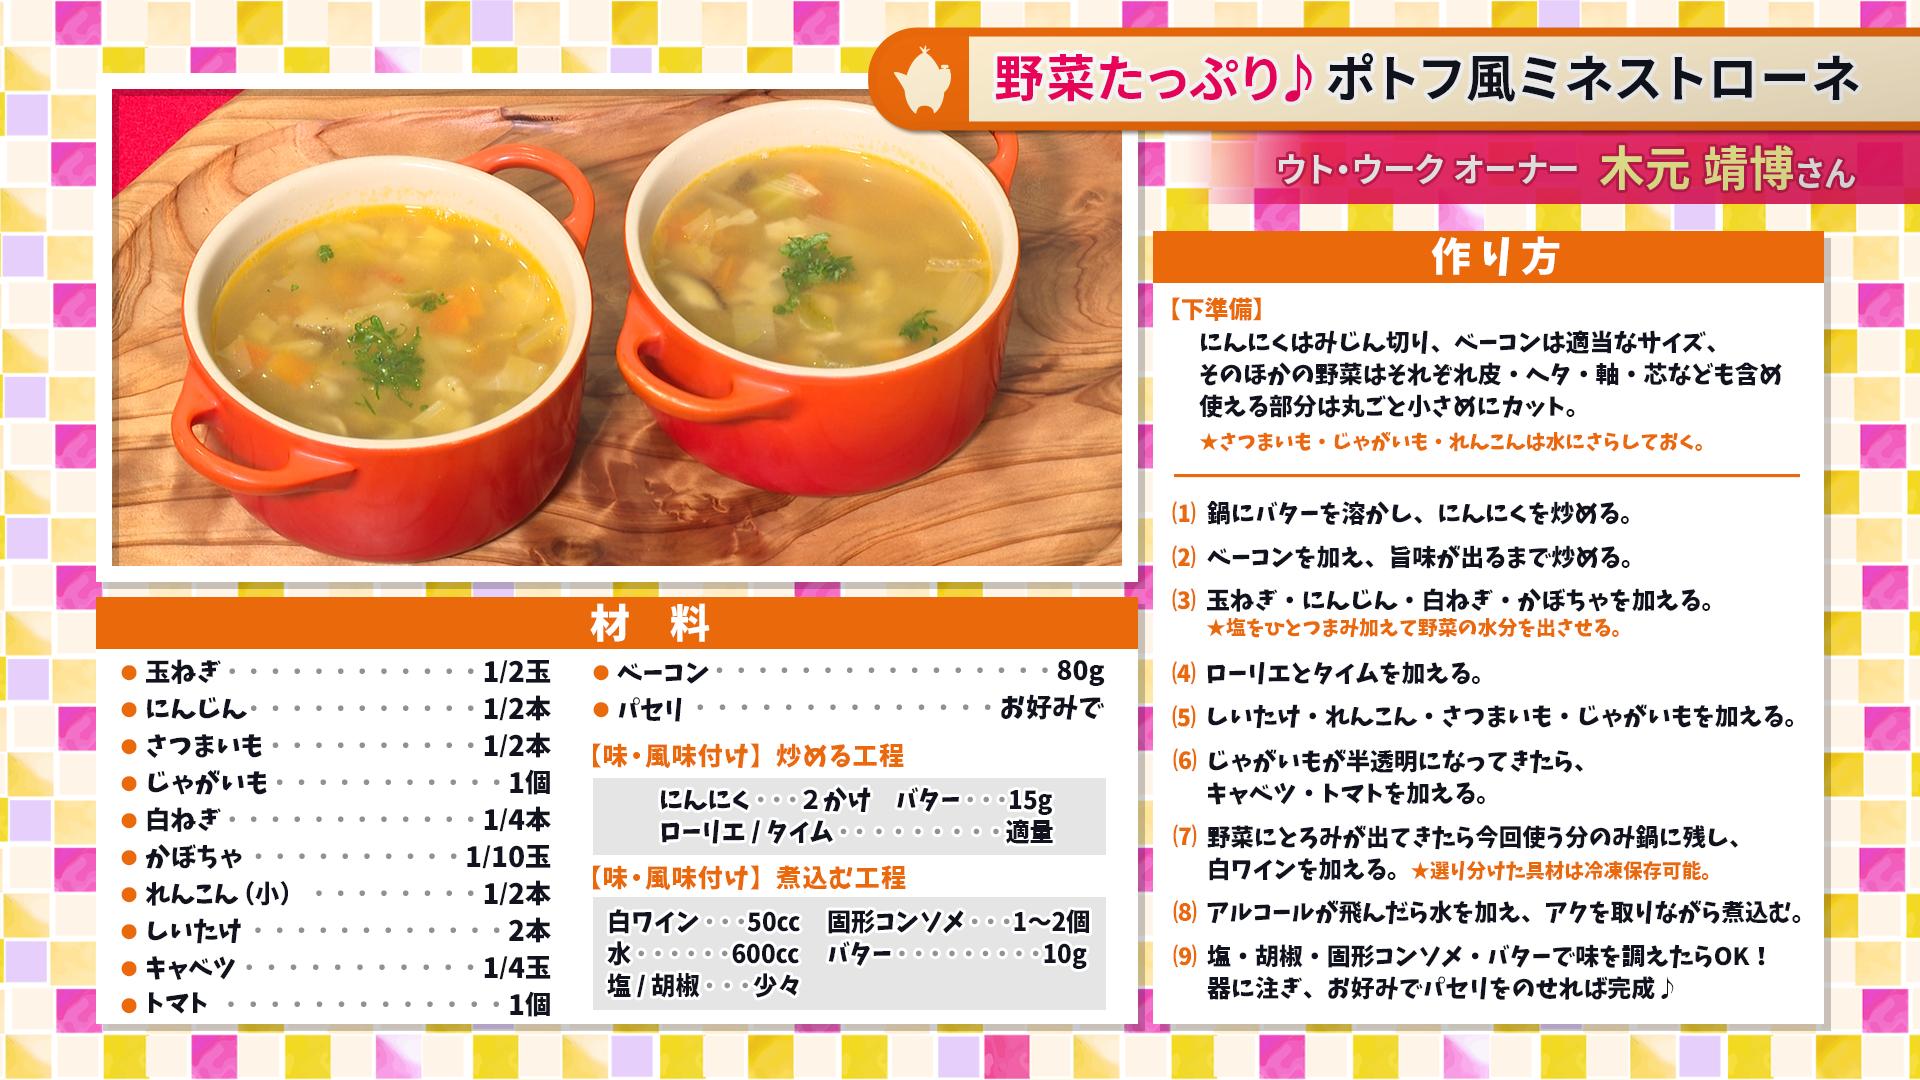 たけナビ『ポトフ風ミネストローネ』レシピ(10/20初回放送)